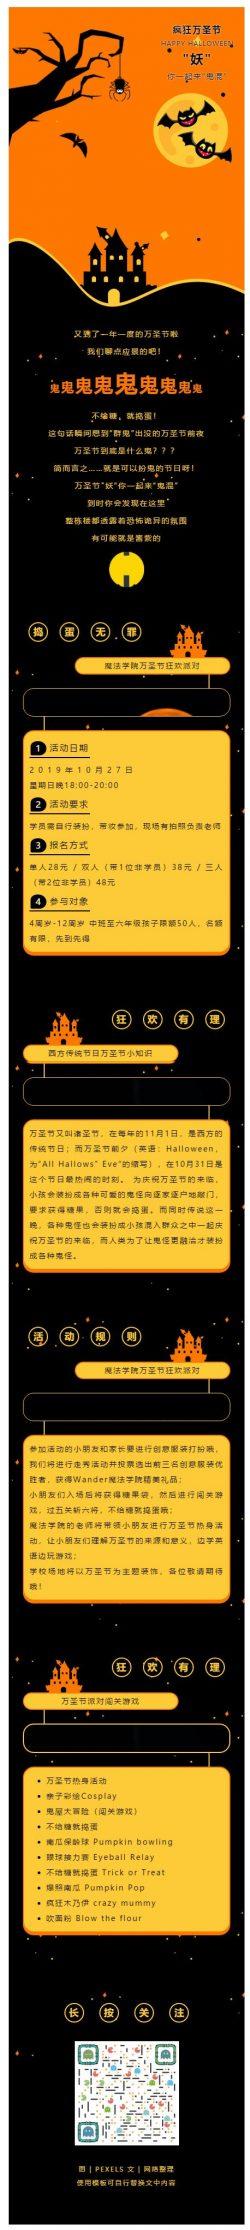 万圣节微信图文模板推送文章素材推文黑色黄色风格动态背景图